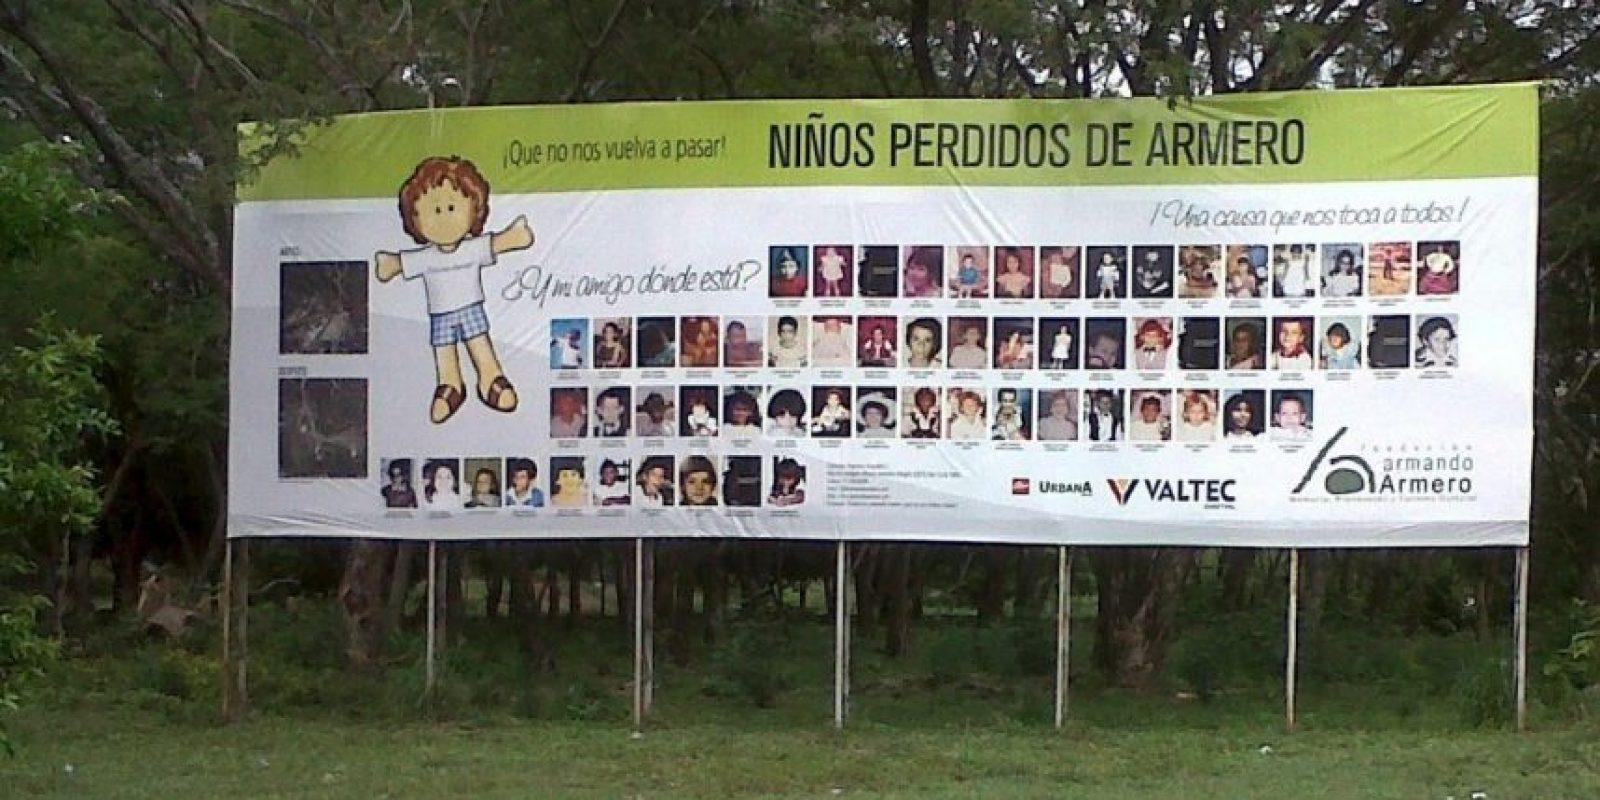 La Fundación Armando Armero, es una organización no gubernamental que ayuda a reunir a las víctimas de la erupción del volcán Nevado del Ruiz. Foto:facebook.com/armandoarmero/